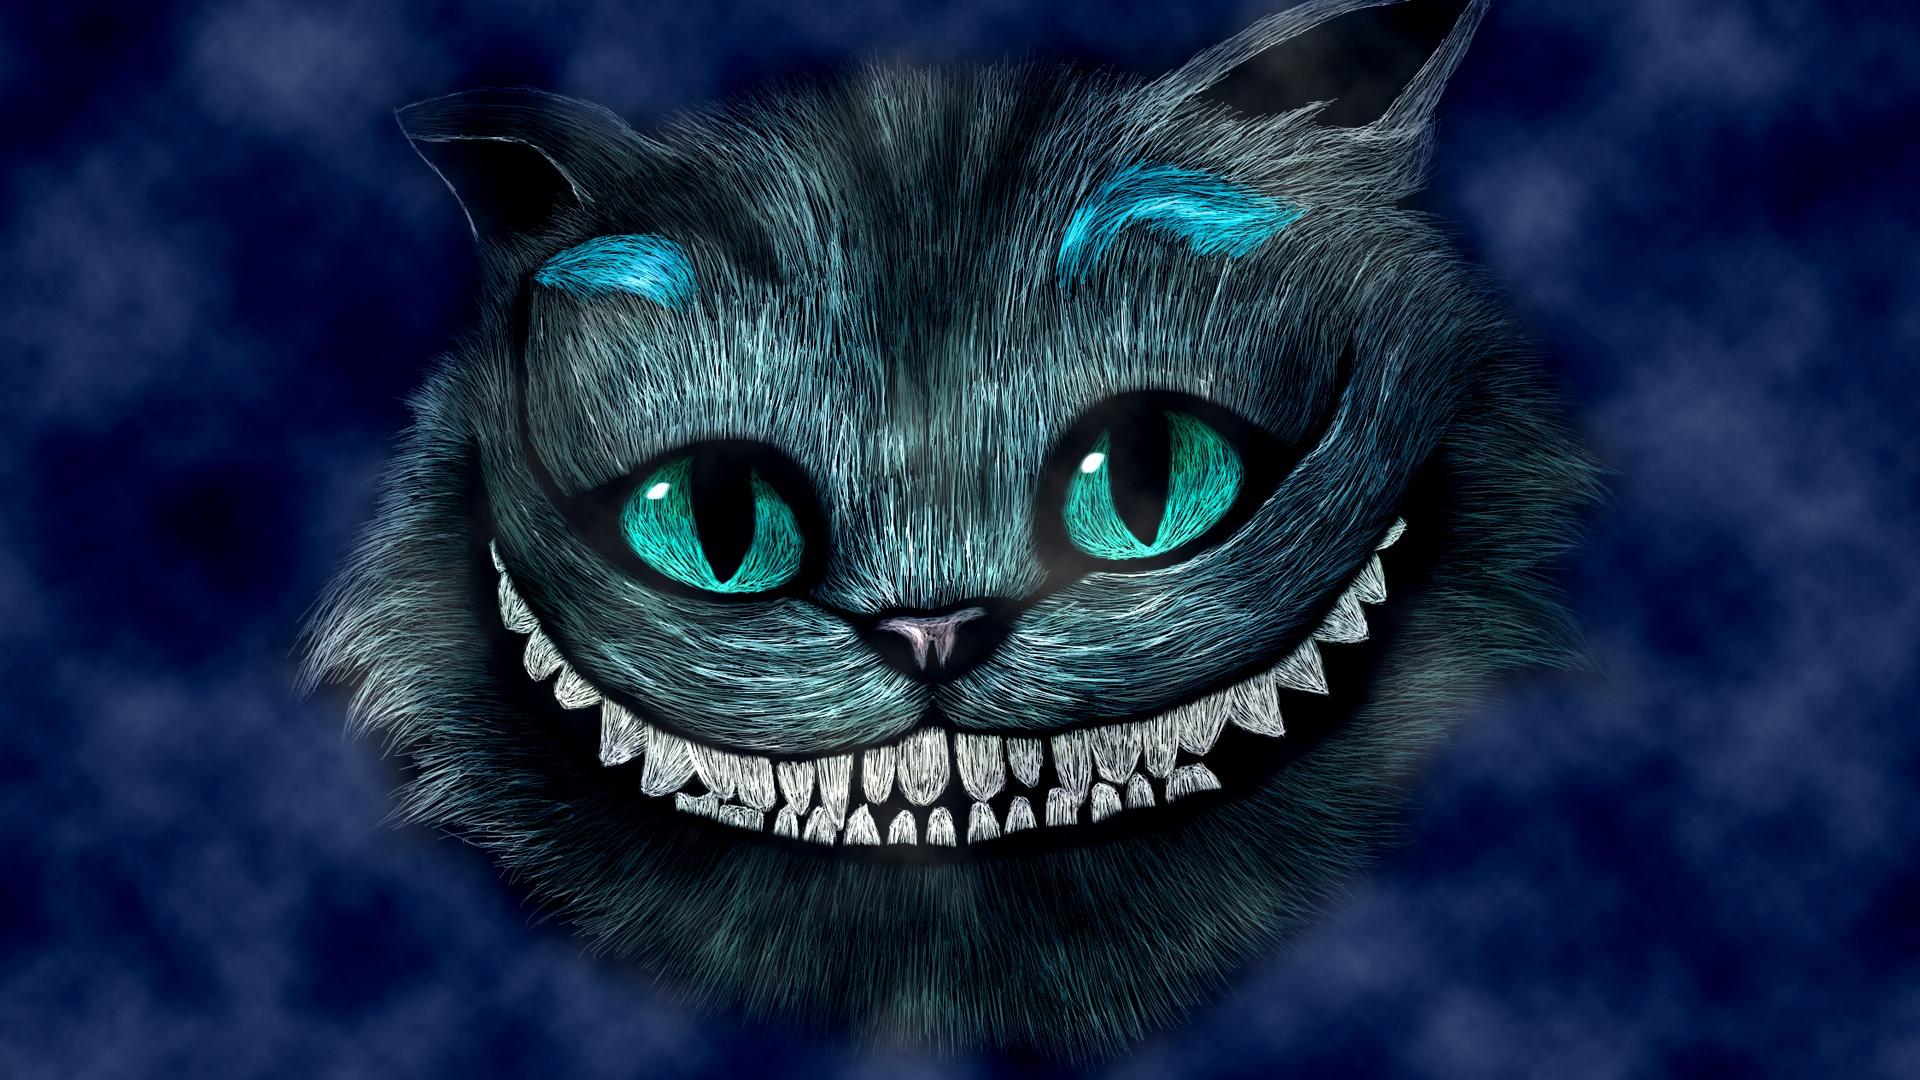 Alice au pays des merveilles, souriant Cheshire Cat Fonds d'écran   1920x1080 Full HD Fonds d ...